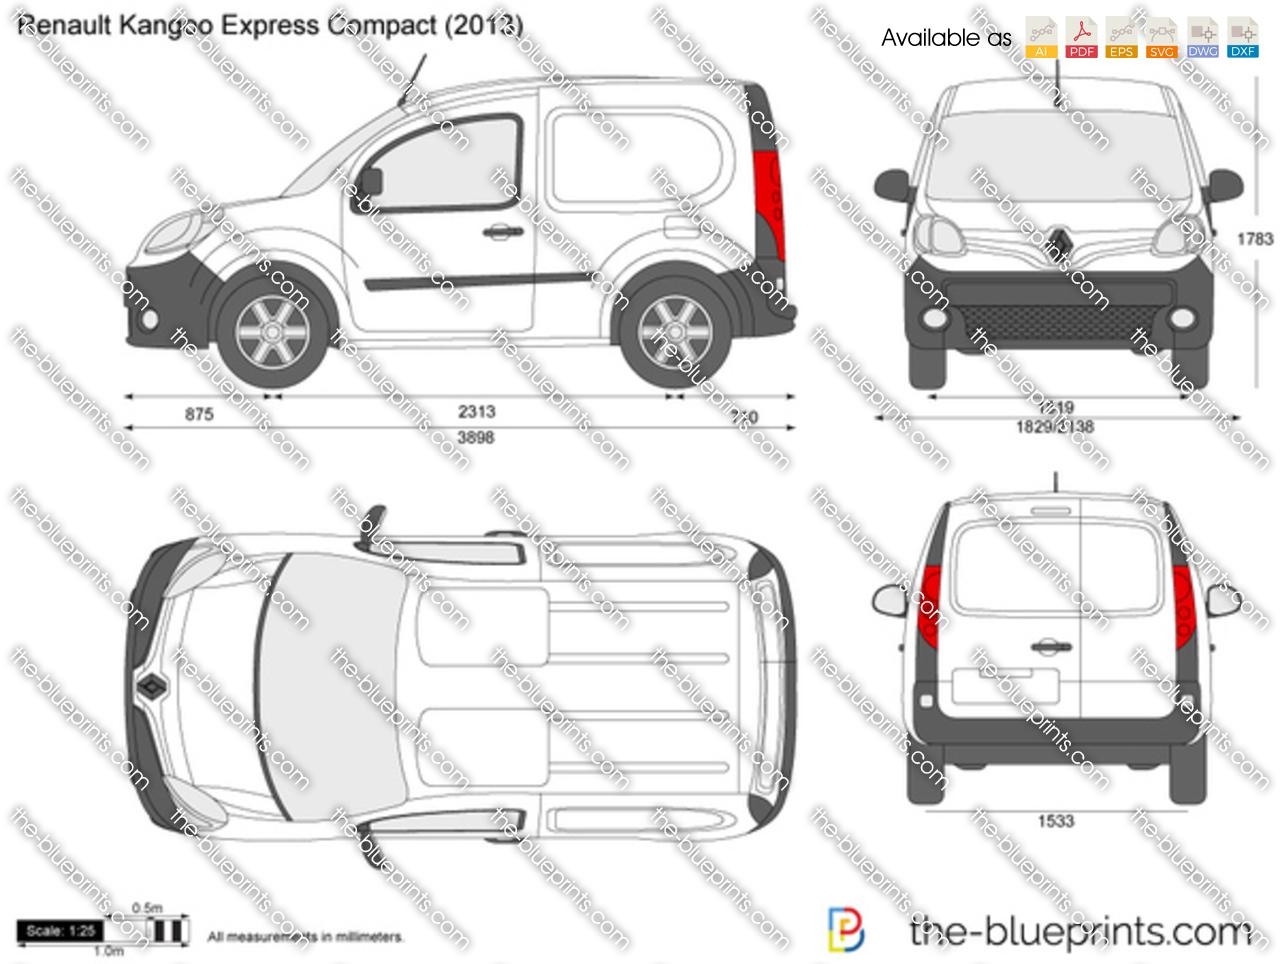 Renault Kangoo Express Compact vector drawing